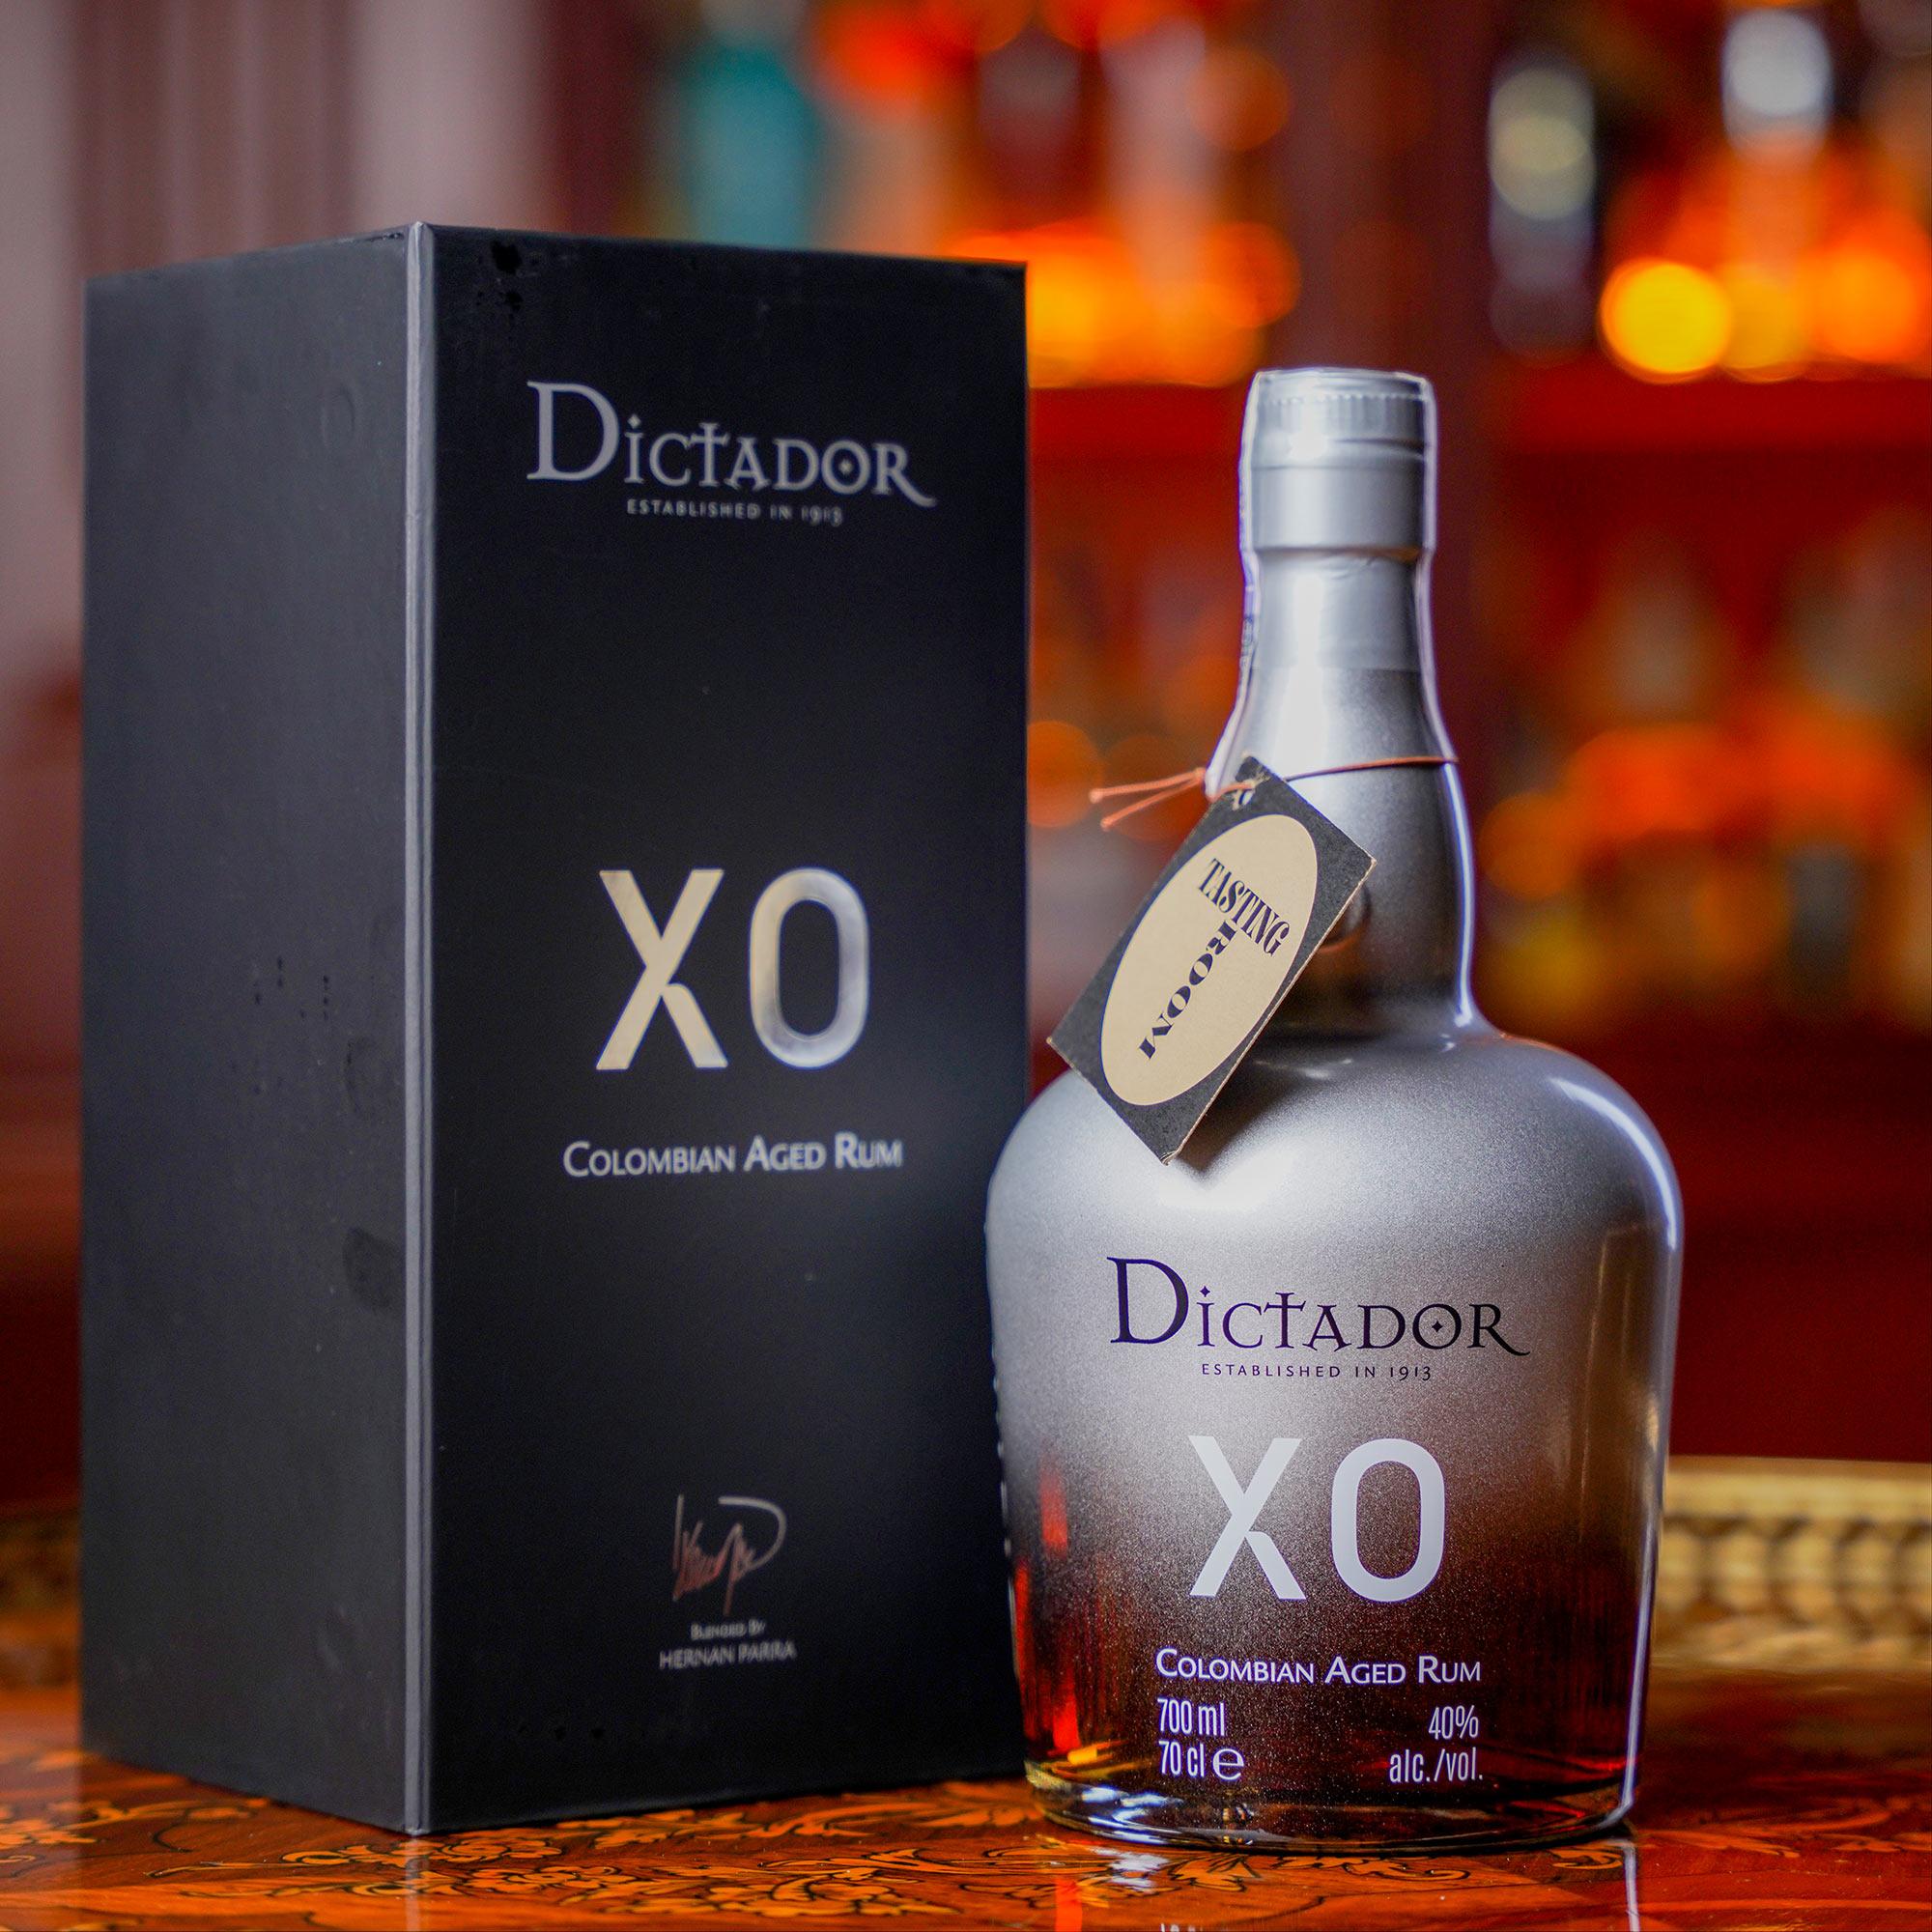 Dictador XO Insolent /Диктадор XO Инсолент